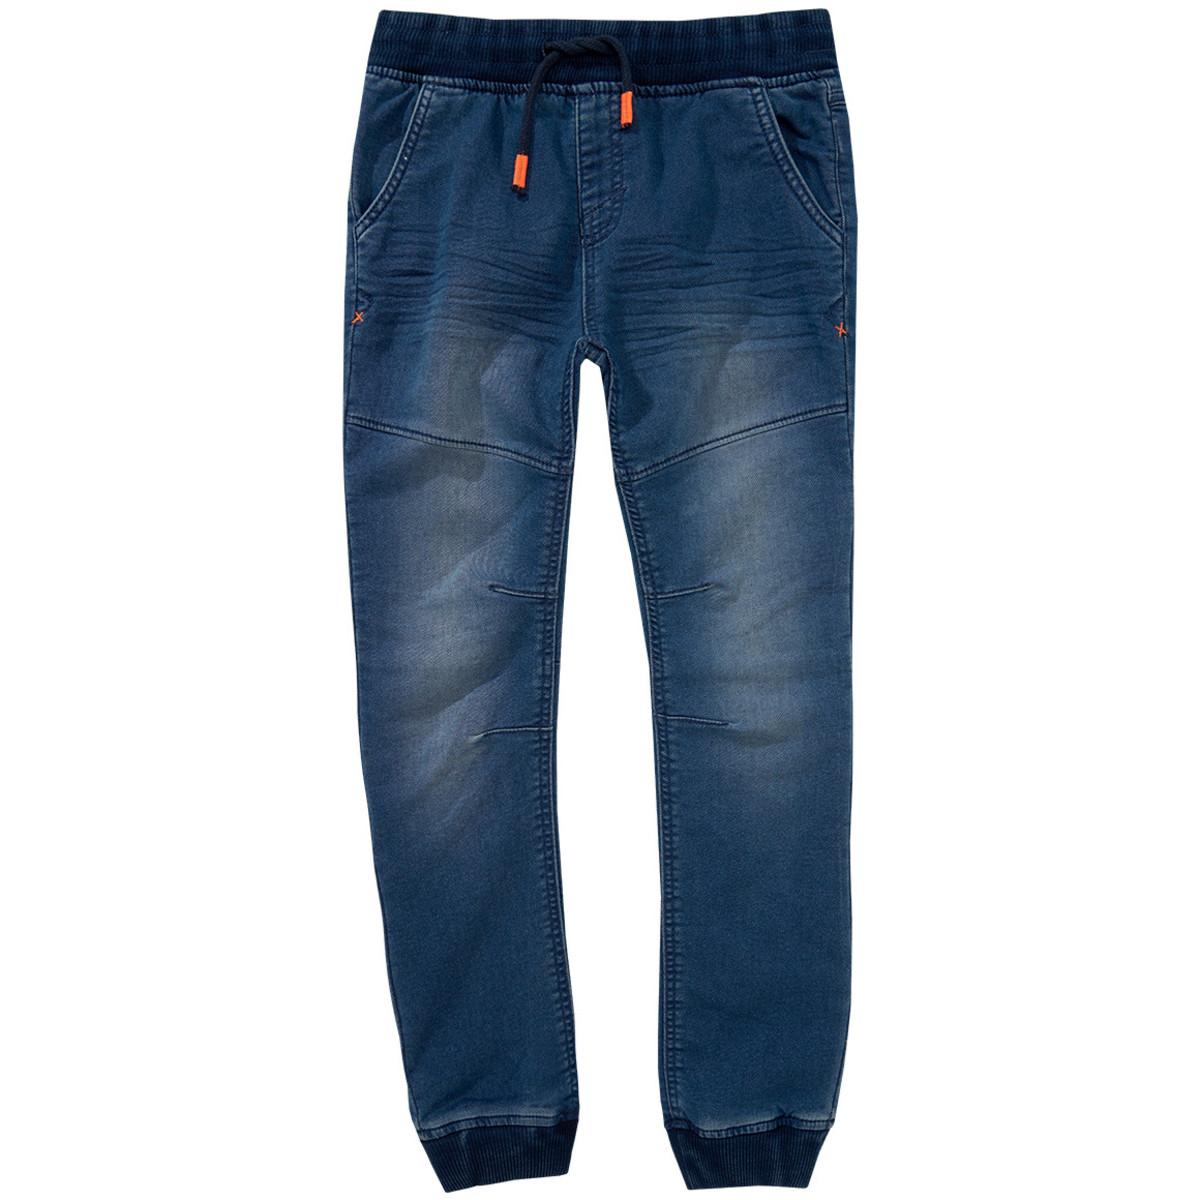 Bild 1 von Jungen Pull-on Jeans in Used-Waschung